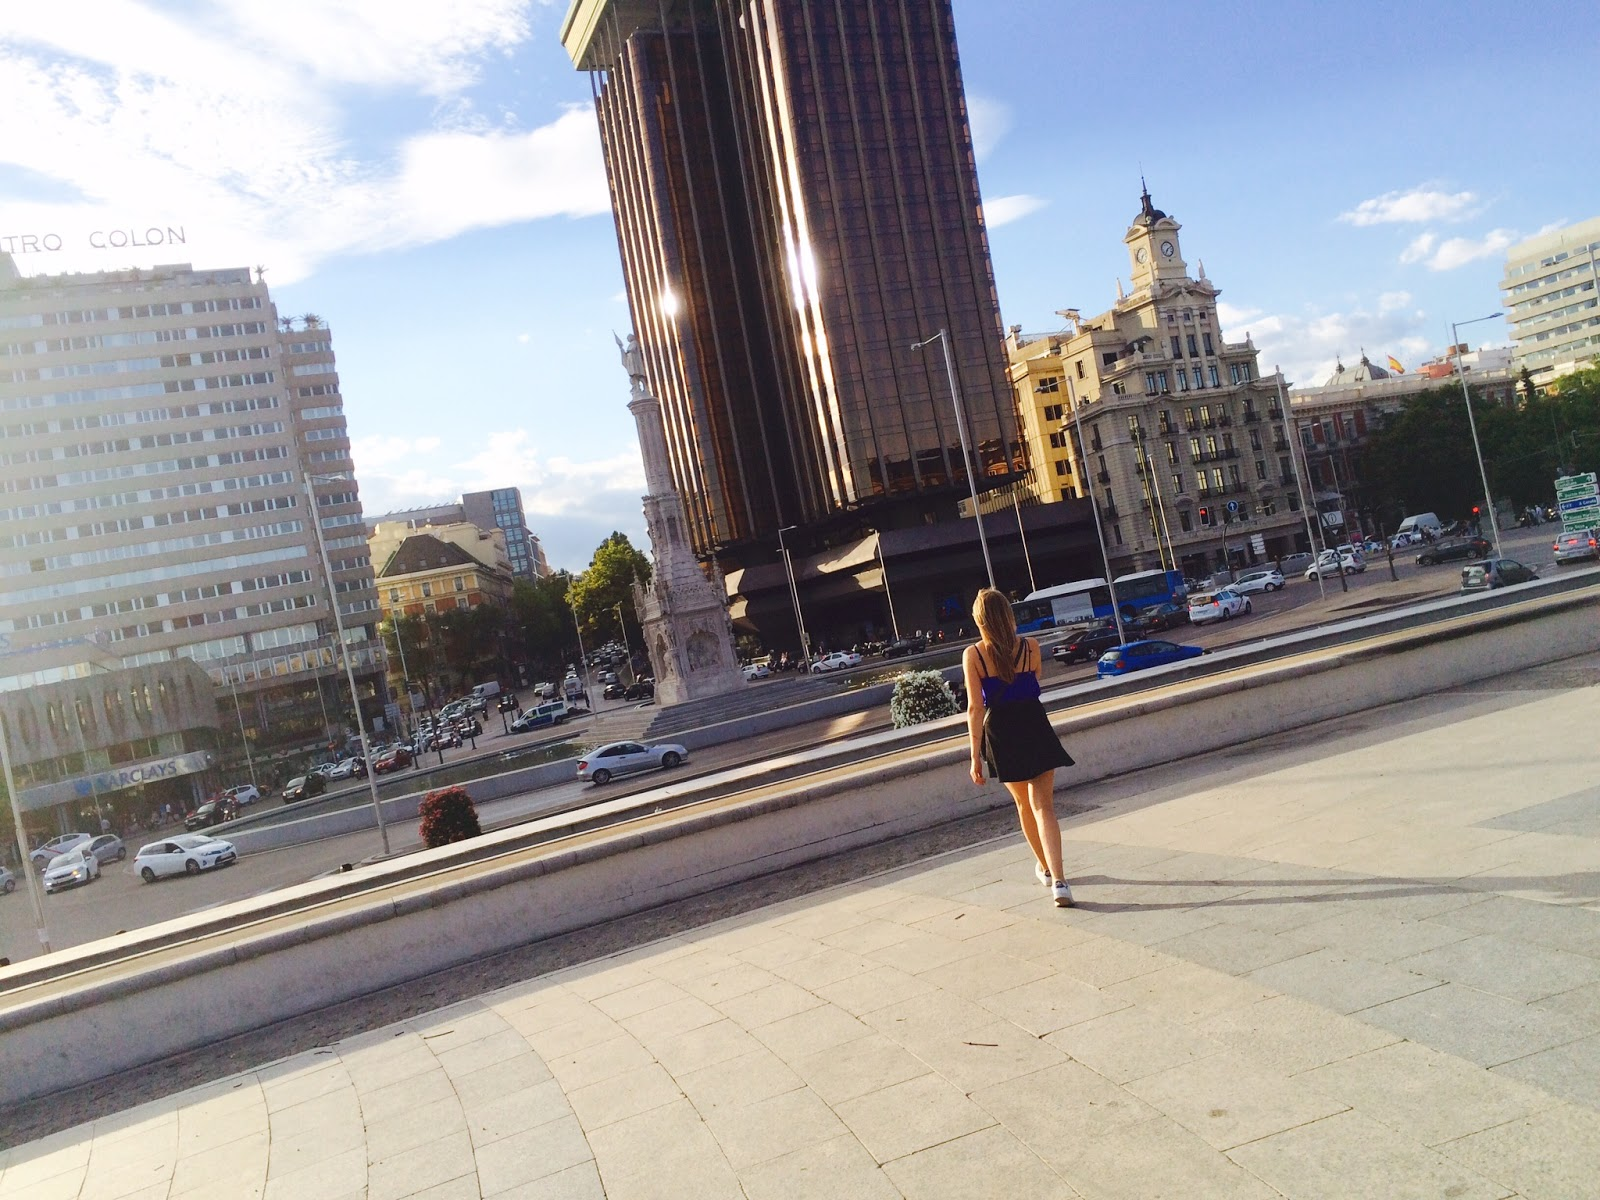 Plaza de Colón - Hotspot